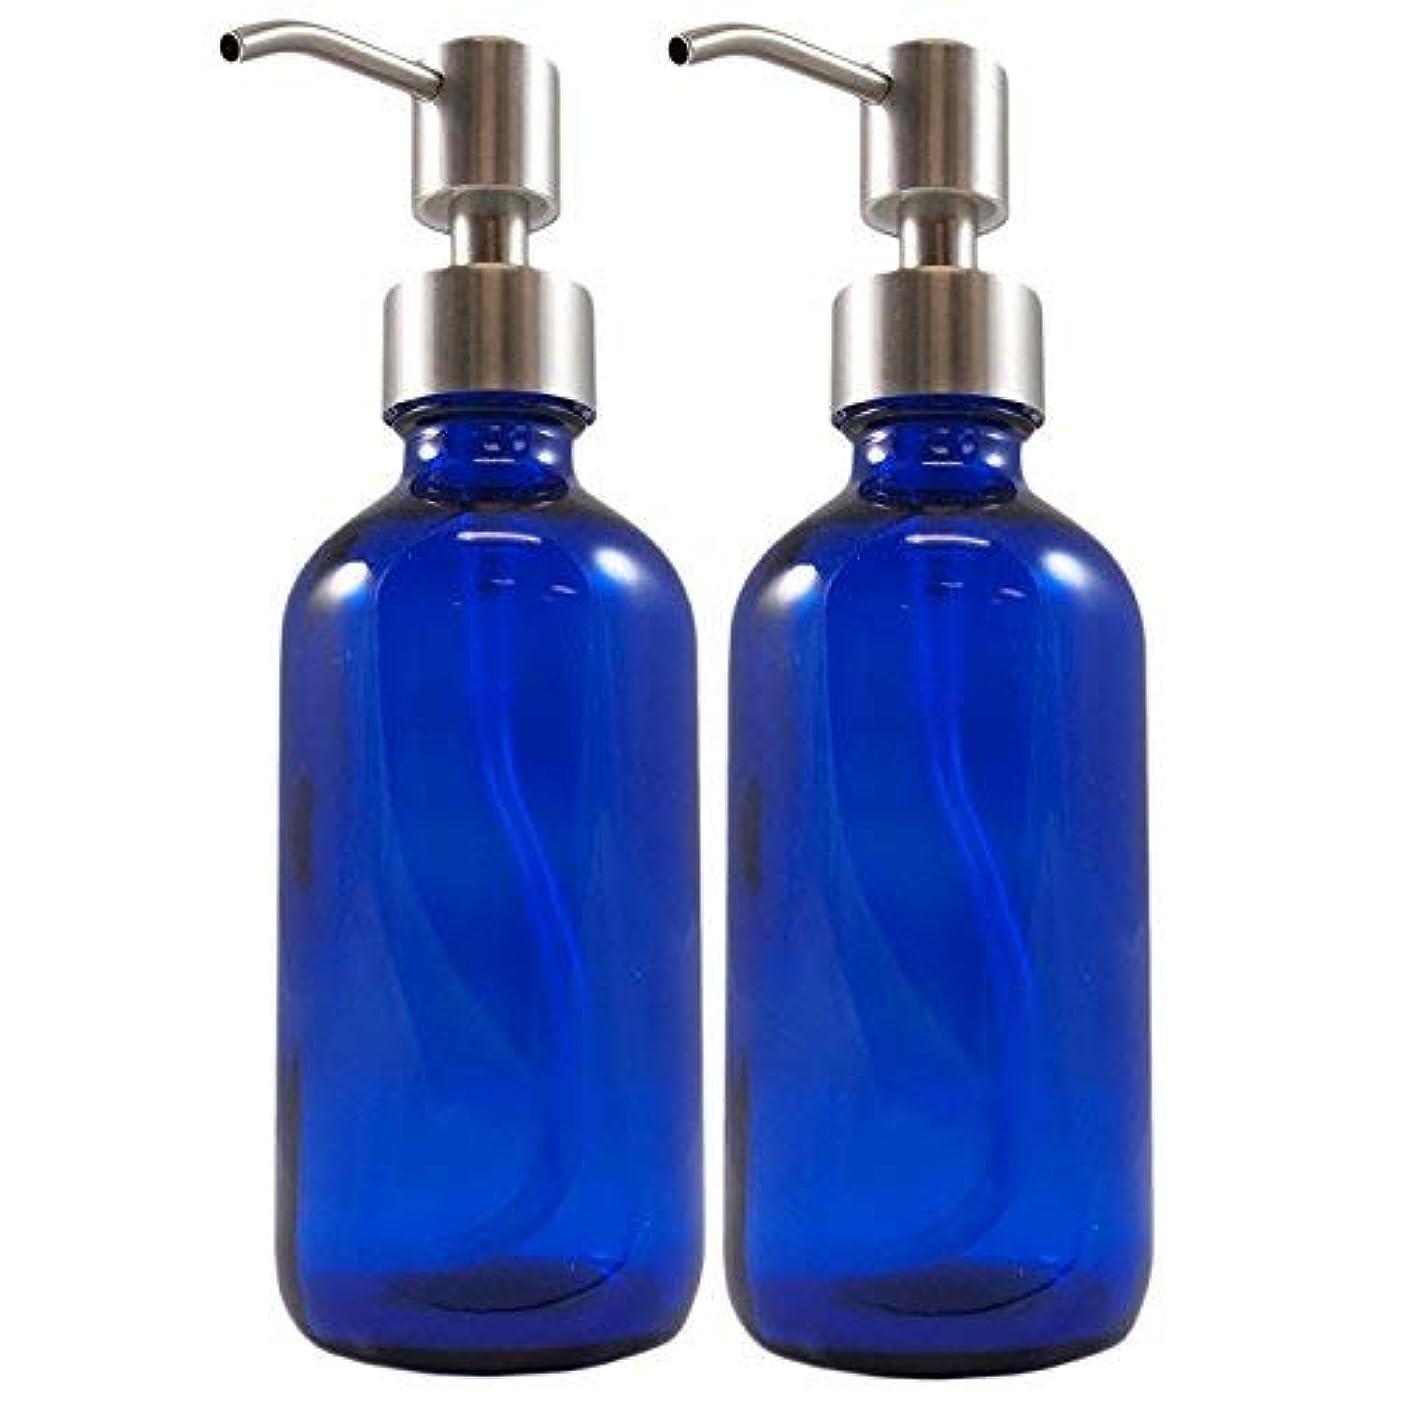 メイド定義急性Cornucopia Brands Cobalt Blue Glass Boston Round Bottles with Stainless Steel Pumps, Great for Essential Oils,...